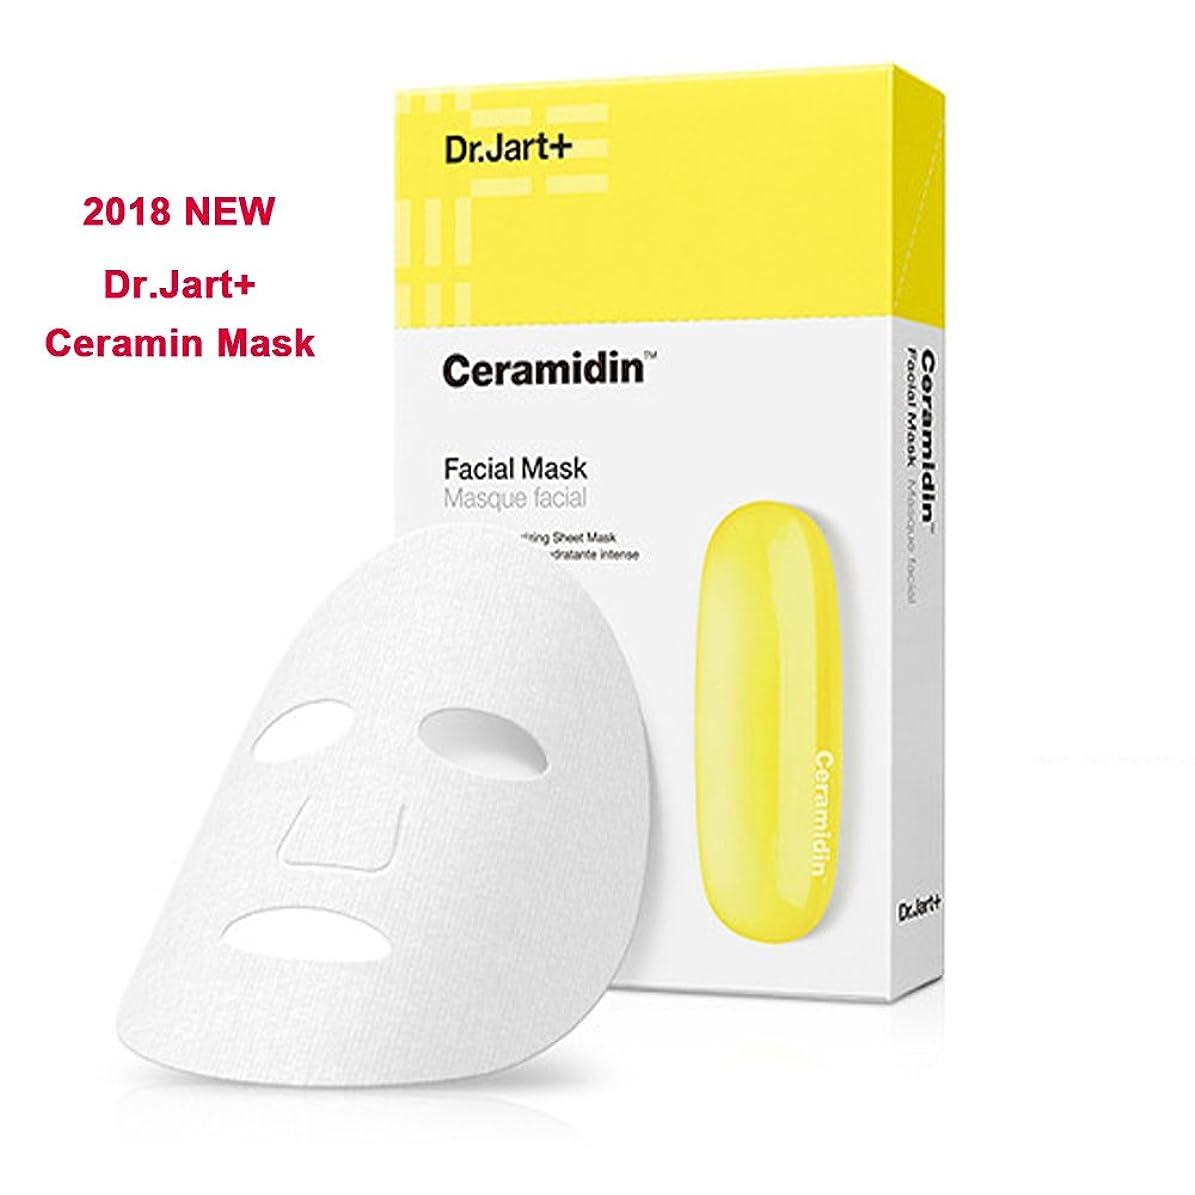 手段モネ感じ[韓国コスメ Dr.Jart+] Ceramidin Mask ドクタージャルト セラマイディンマスク(5枚) [並行輸入品]